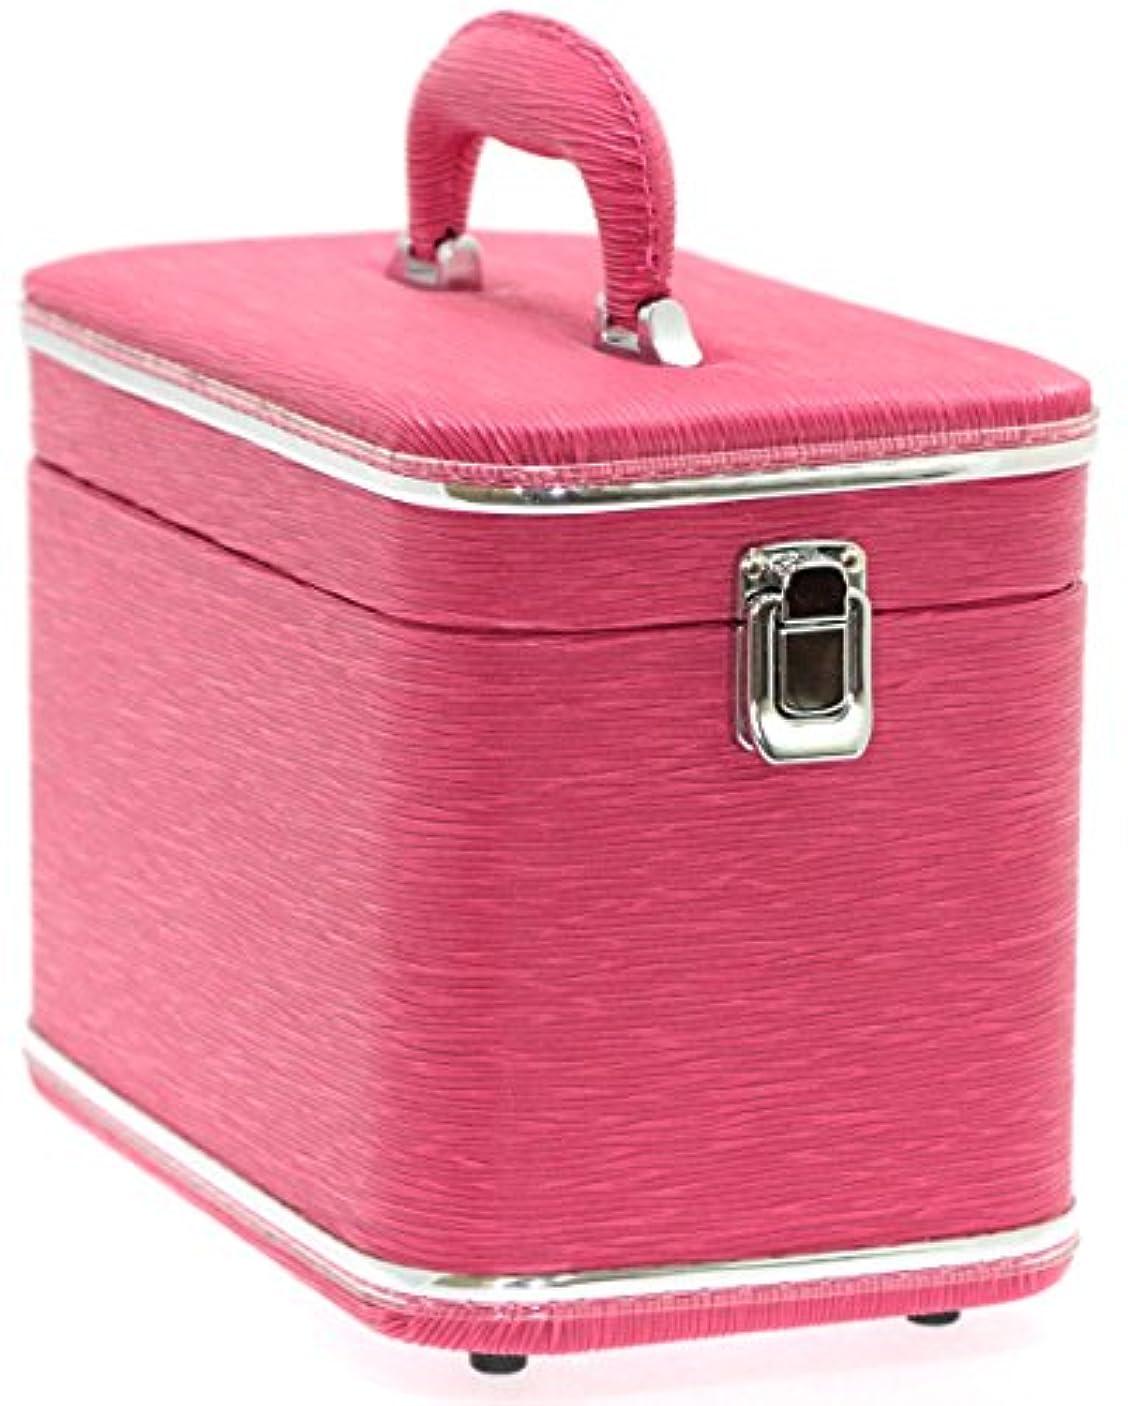 本会議冷淡な提案するエピ調水絞縦型トレンチケース ピンク 鍵無 6489-15